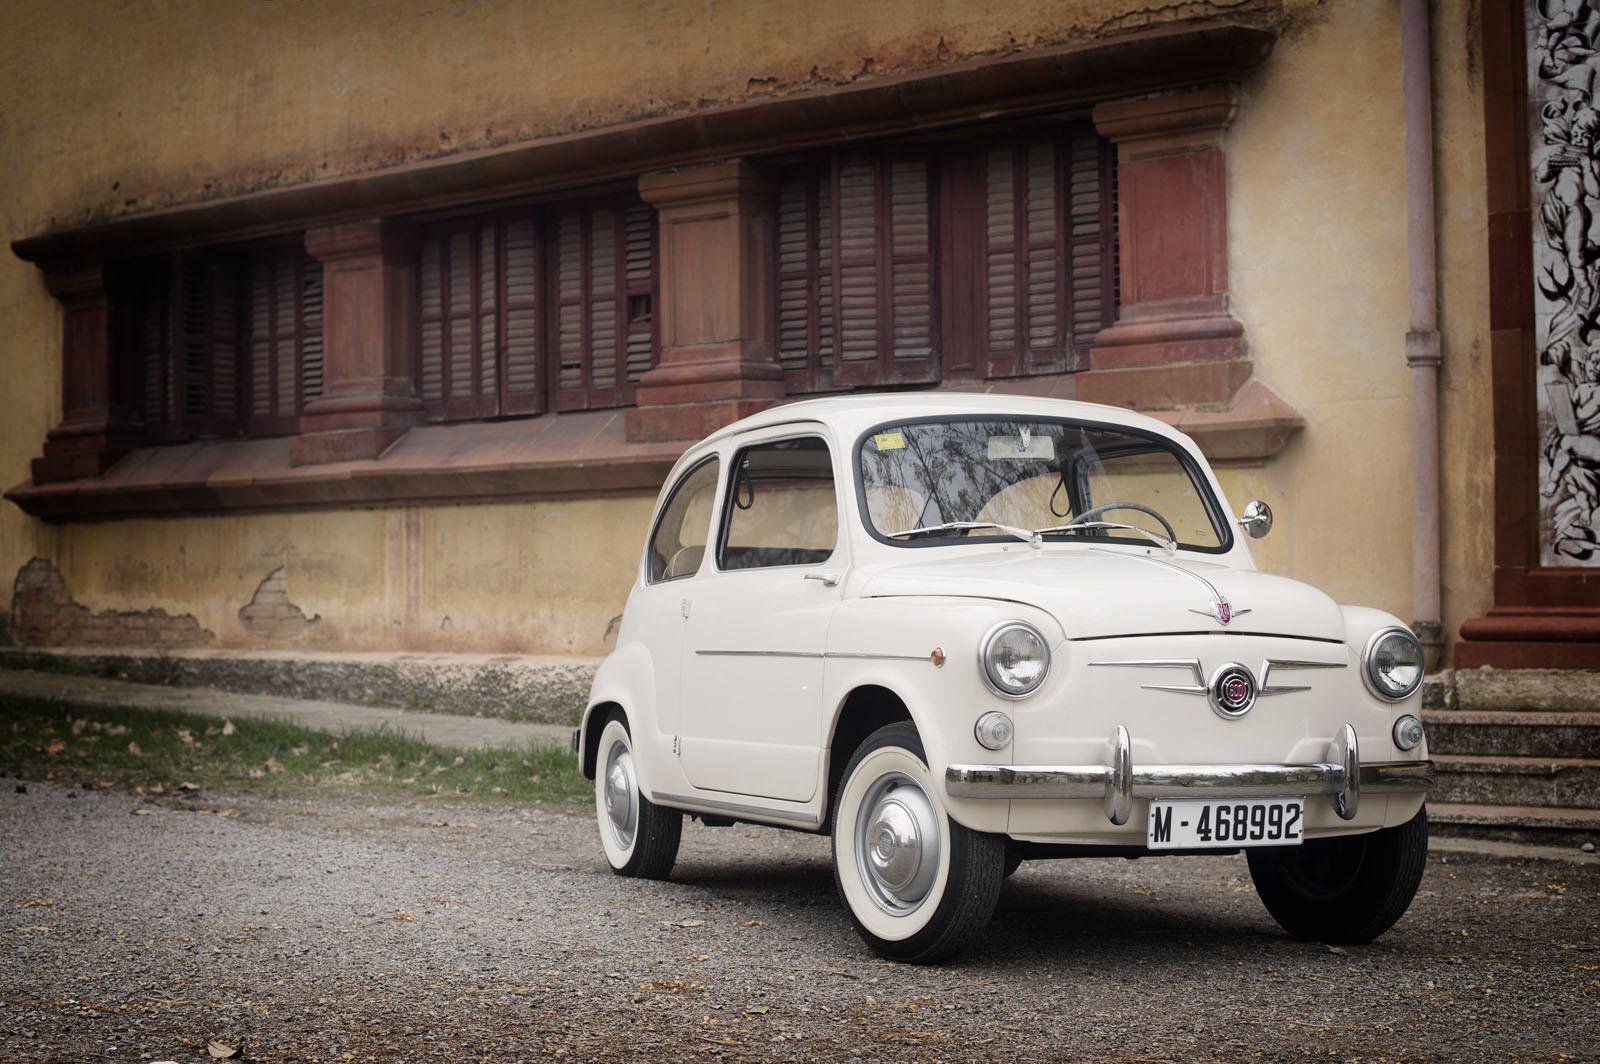 Foto de SEAT 600 (50 Aniversario) (22/64)